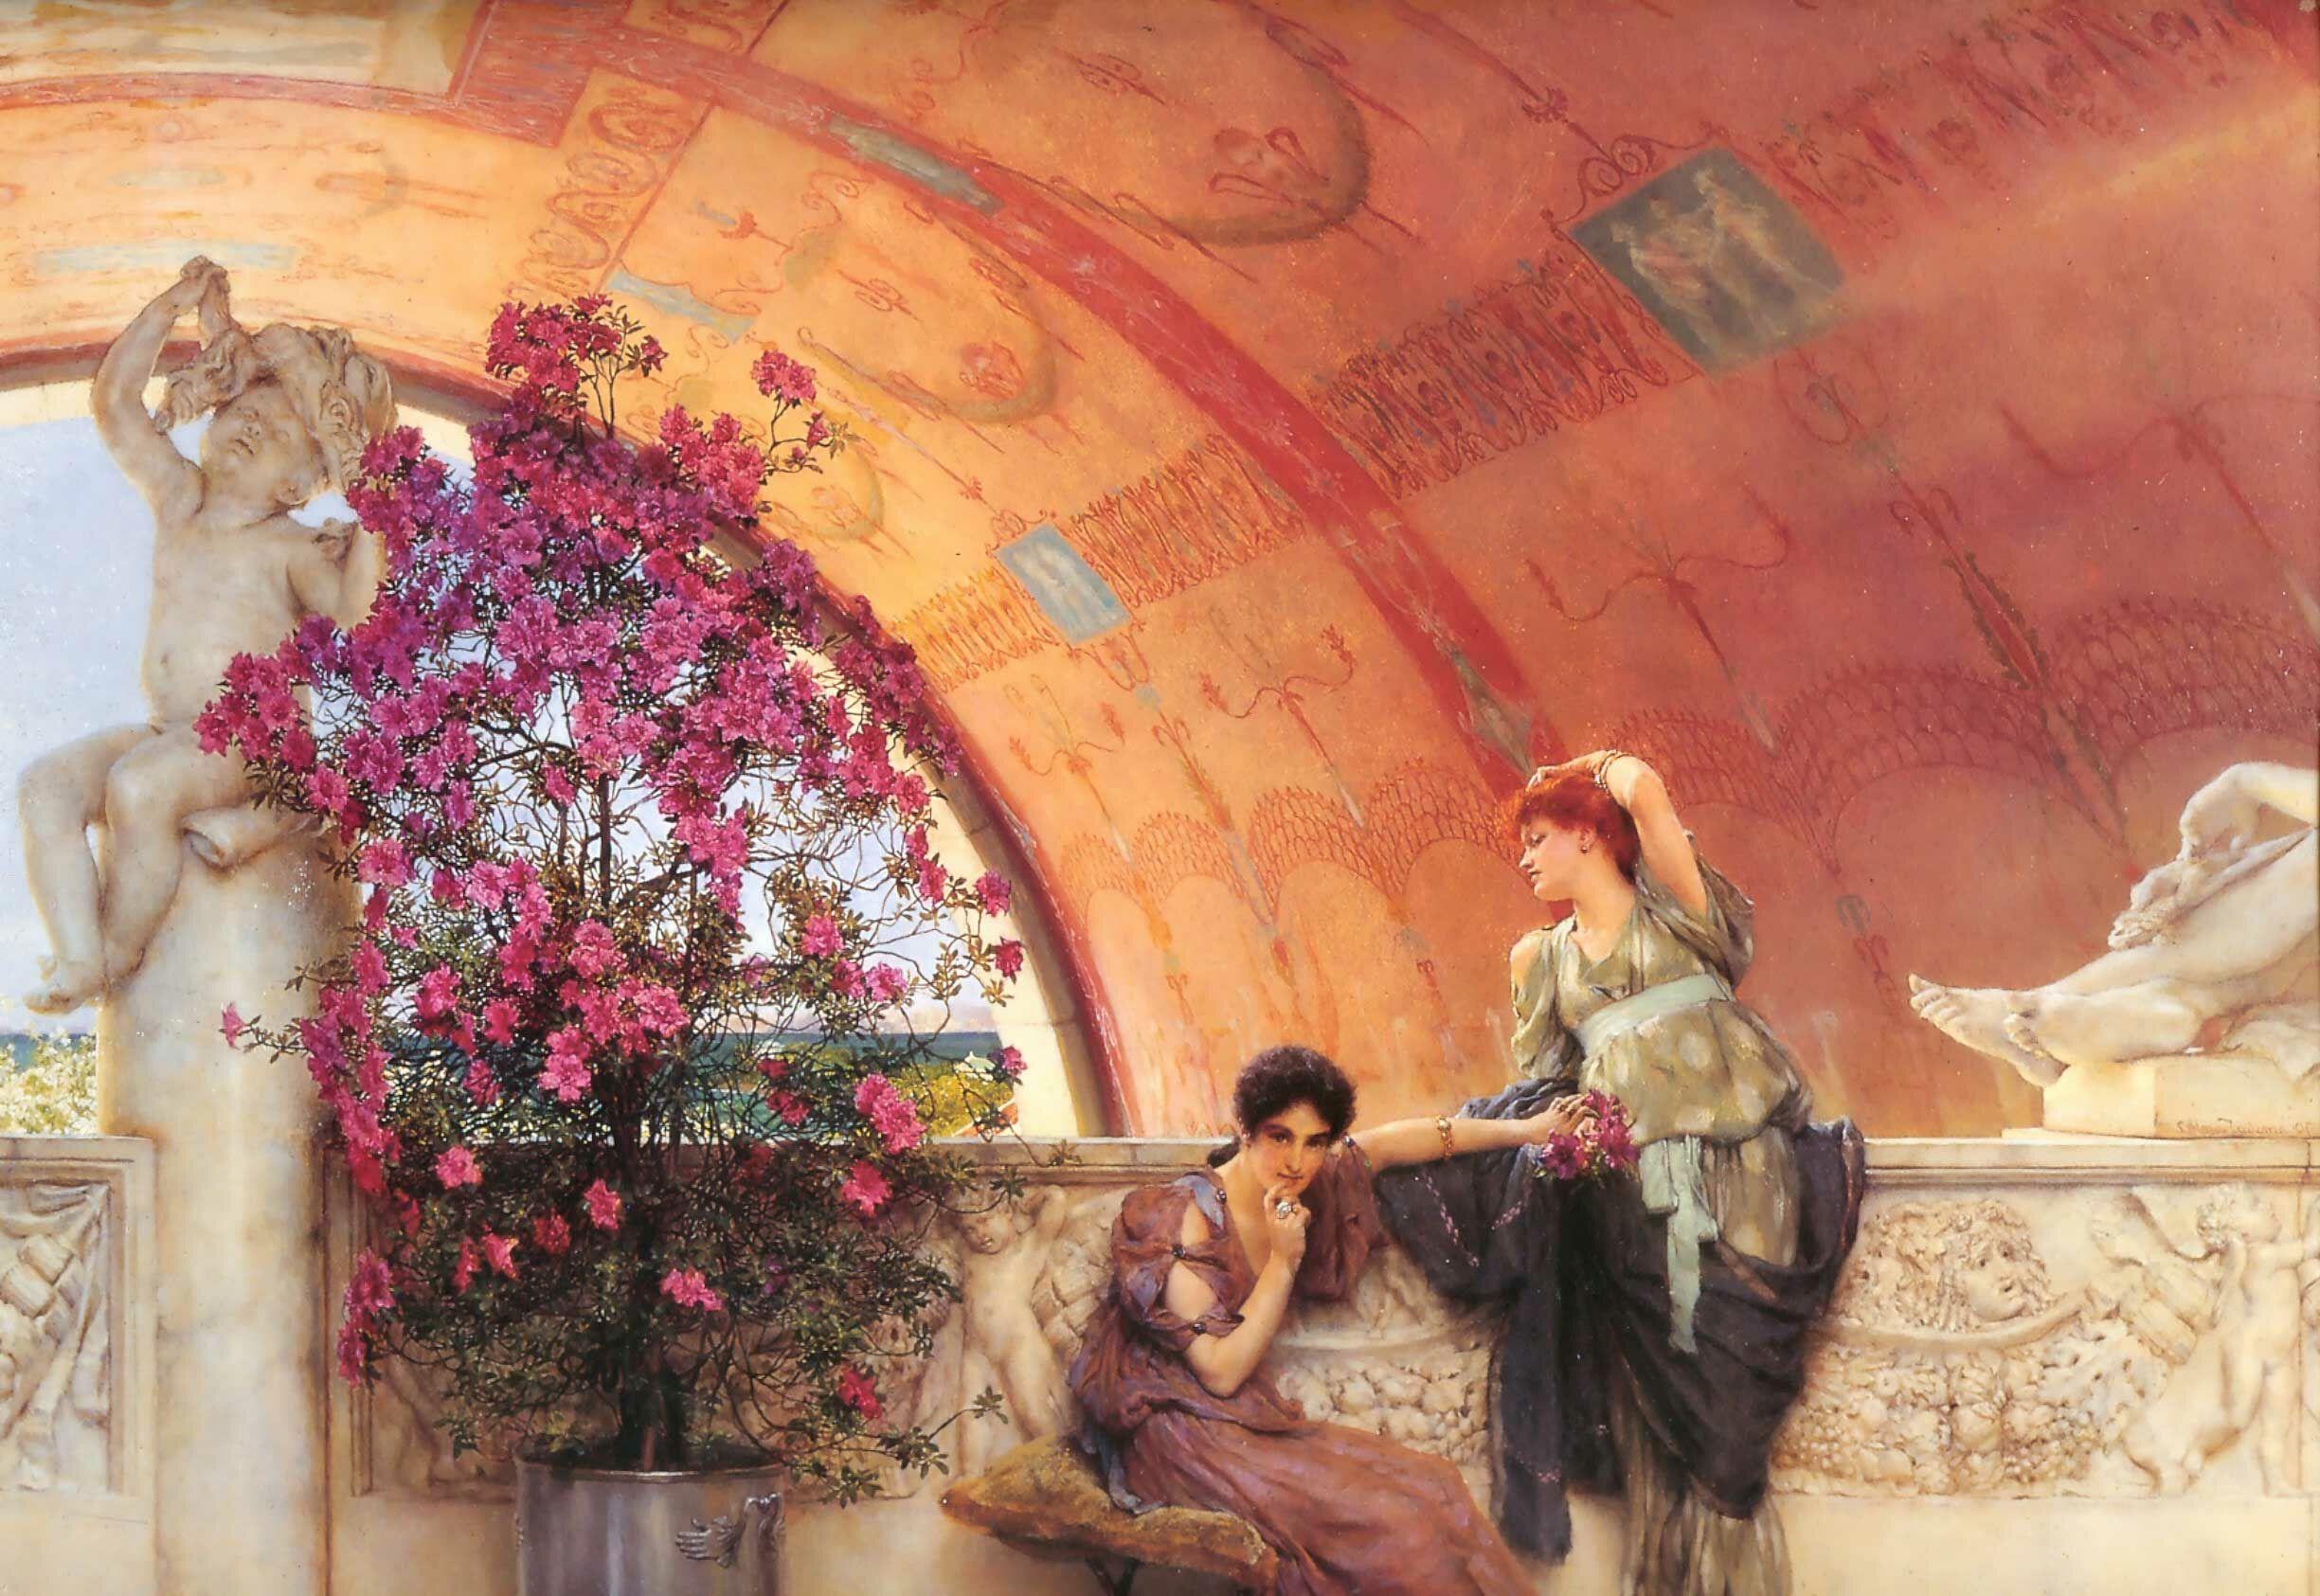 картина <Неосознанная конкуренция> :: Альма-Тадема Сэр Лоуренс - Lourens Alma Tadema (Альма-Тадема) фото